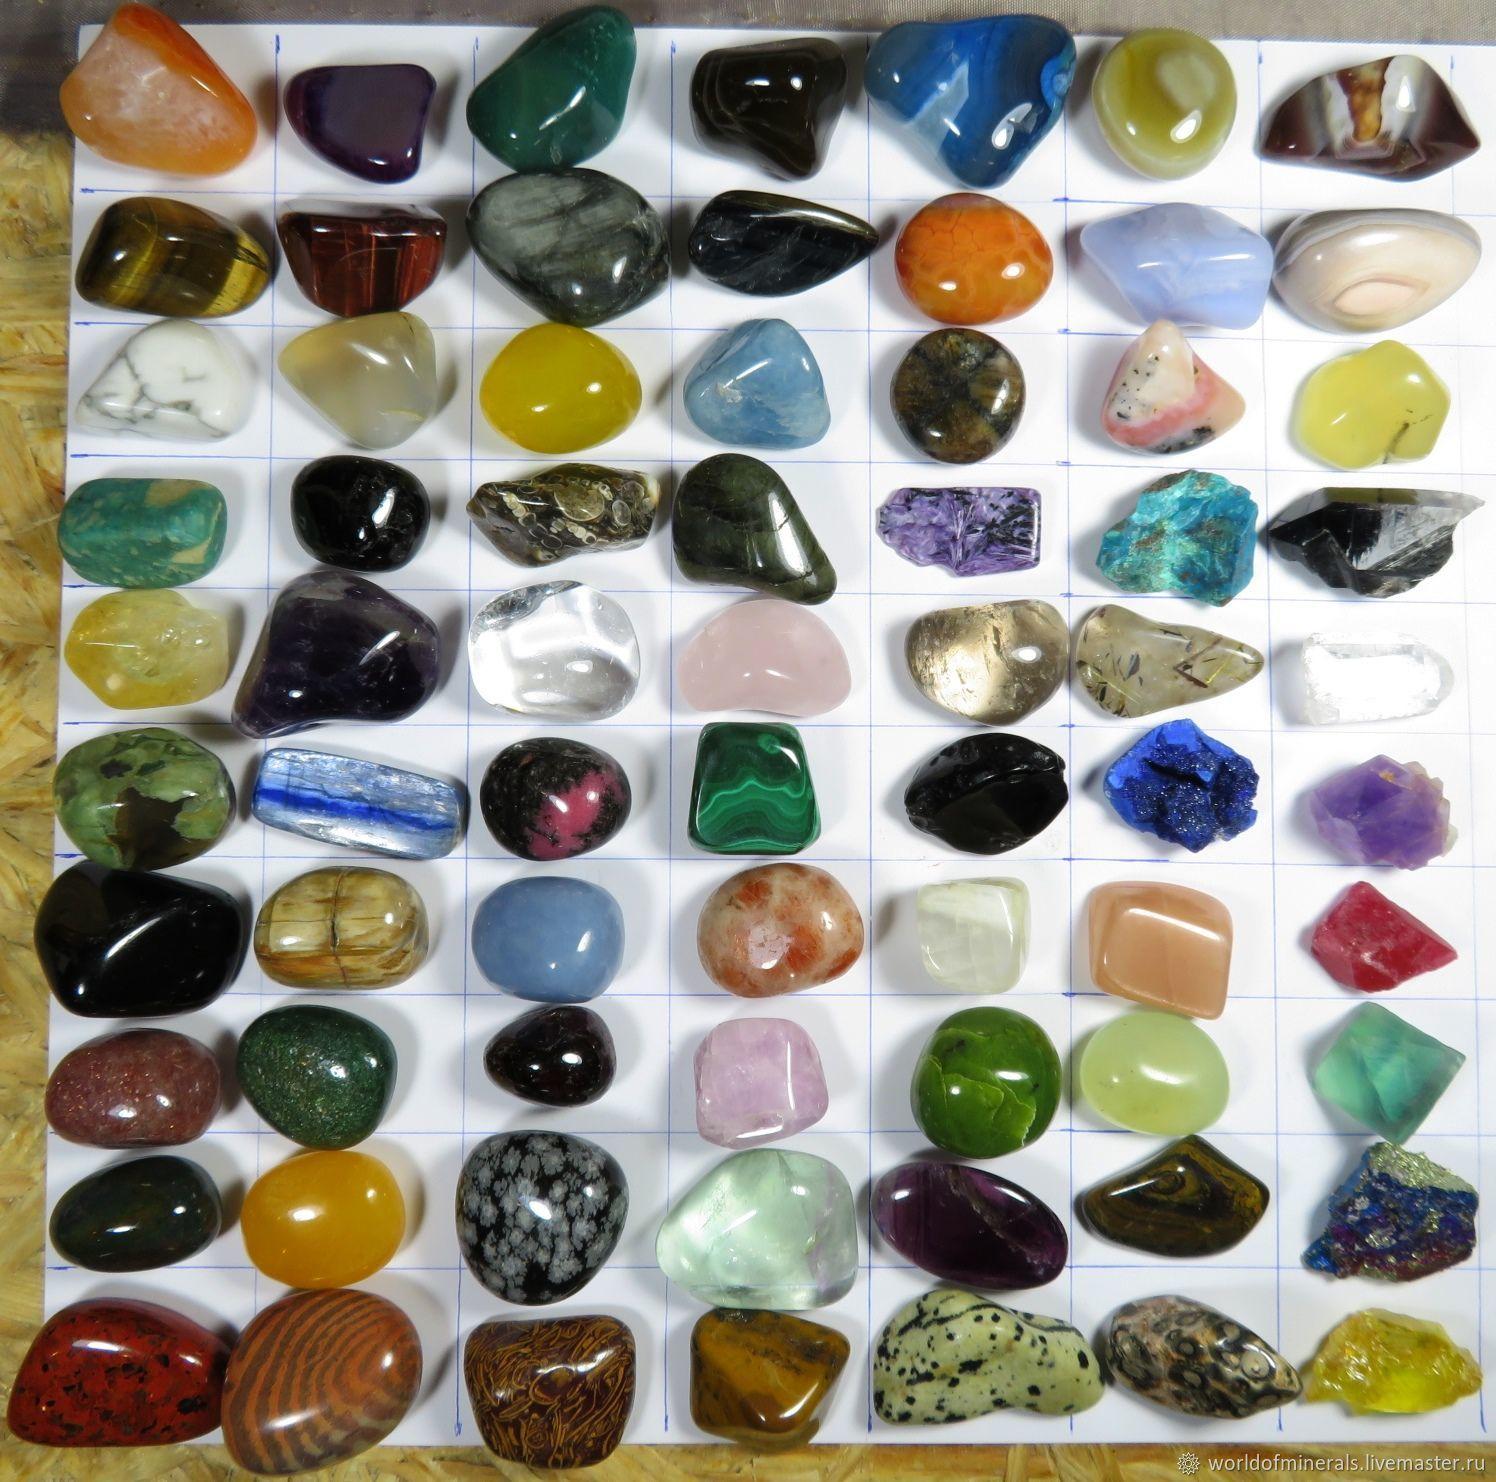 Для примера. Коллекция из 70 камней. Цена 4855 руб. Ячейка 3х2 см.